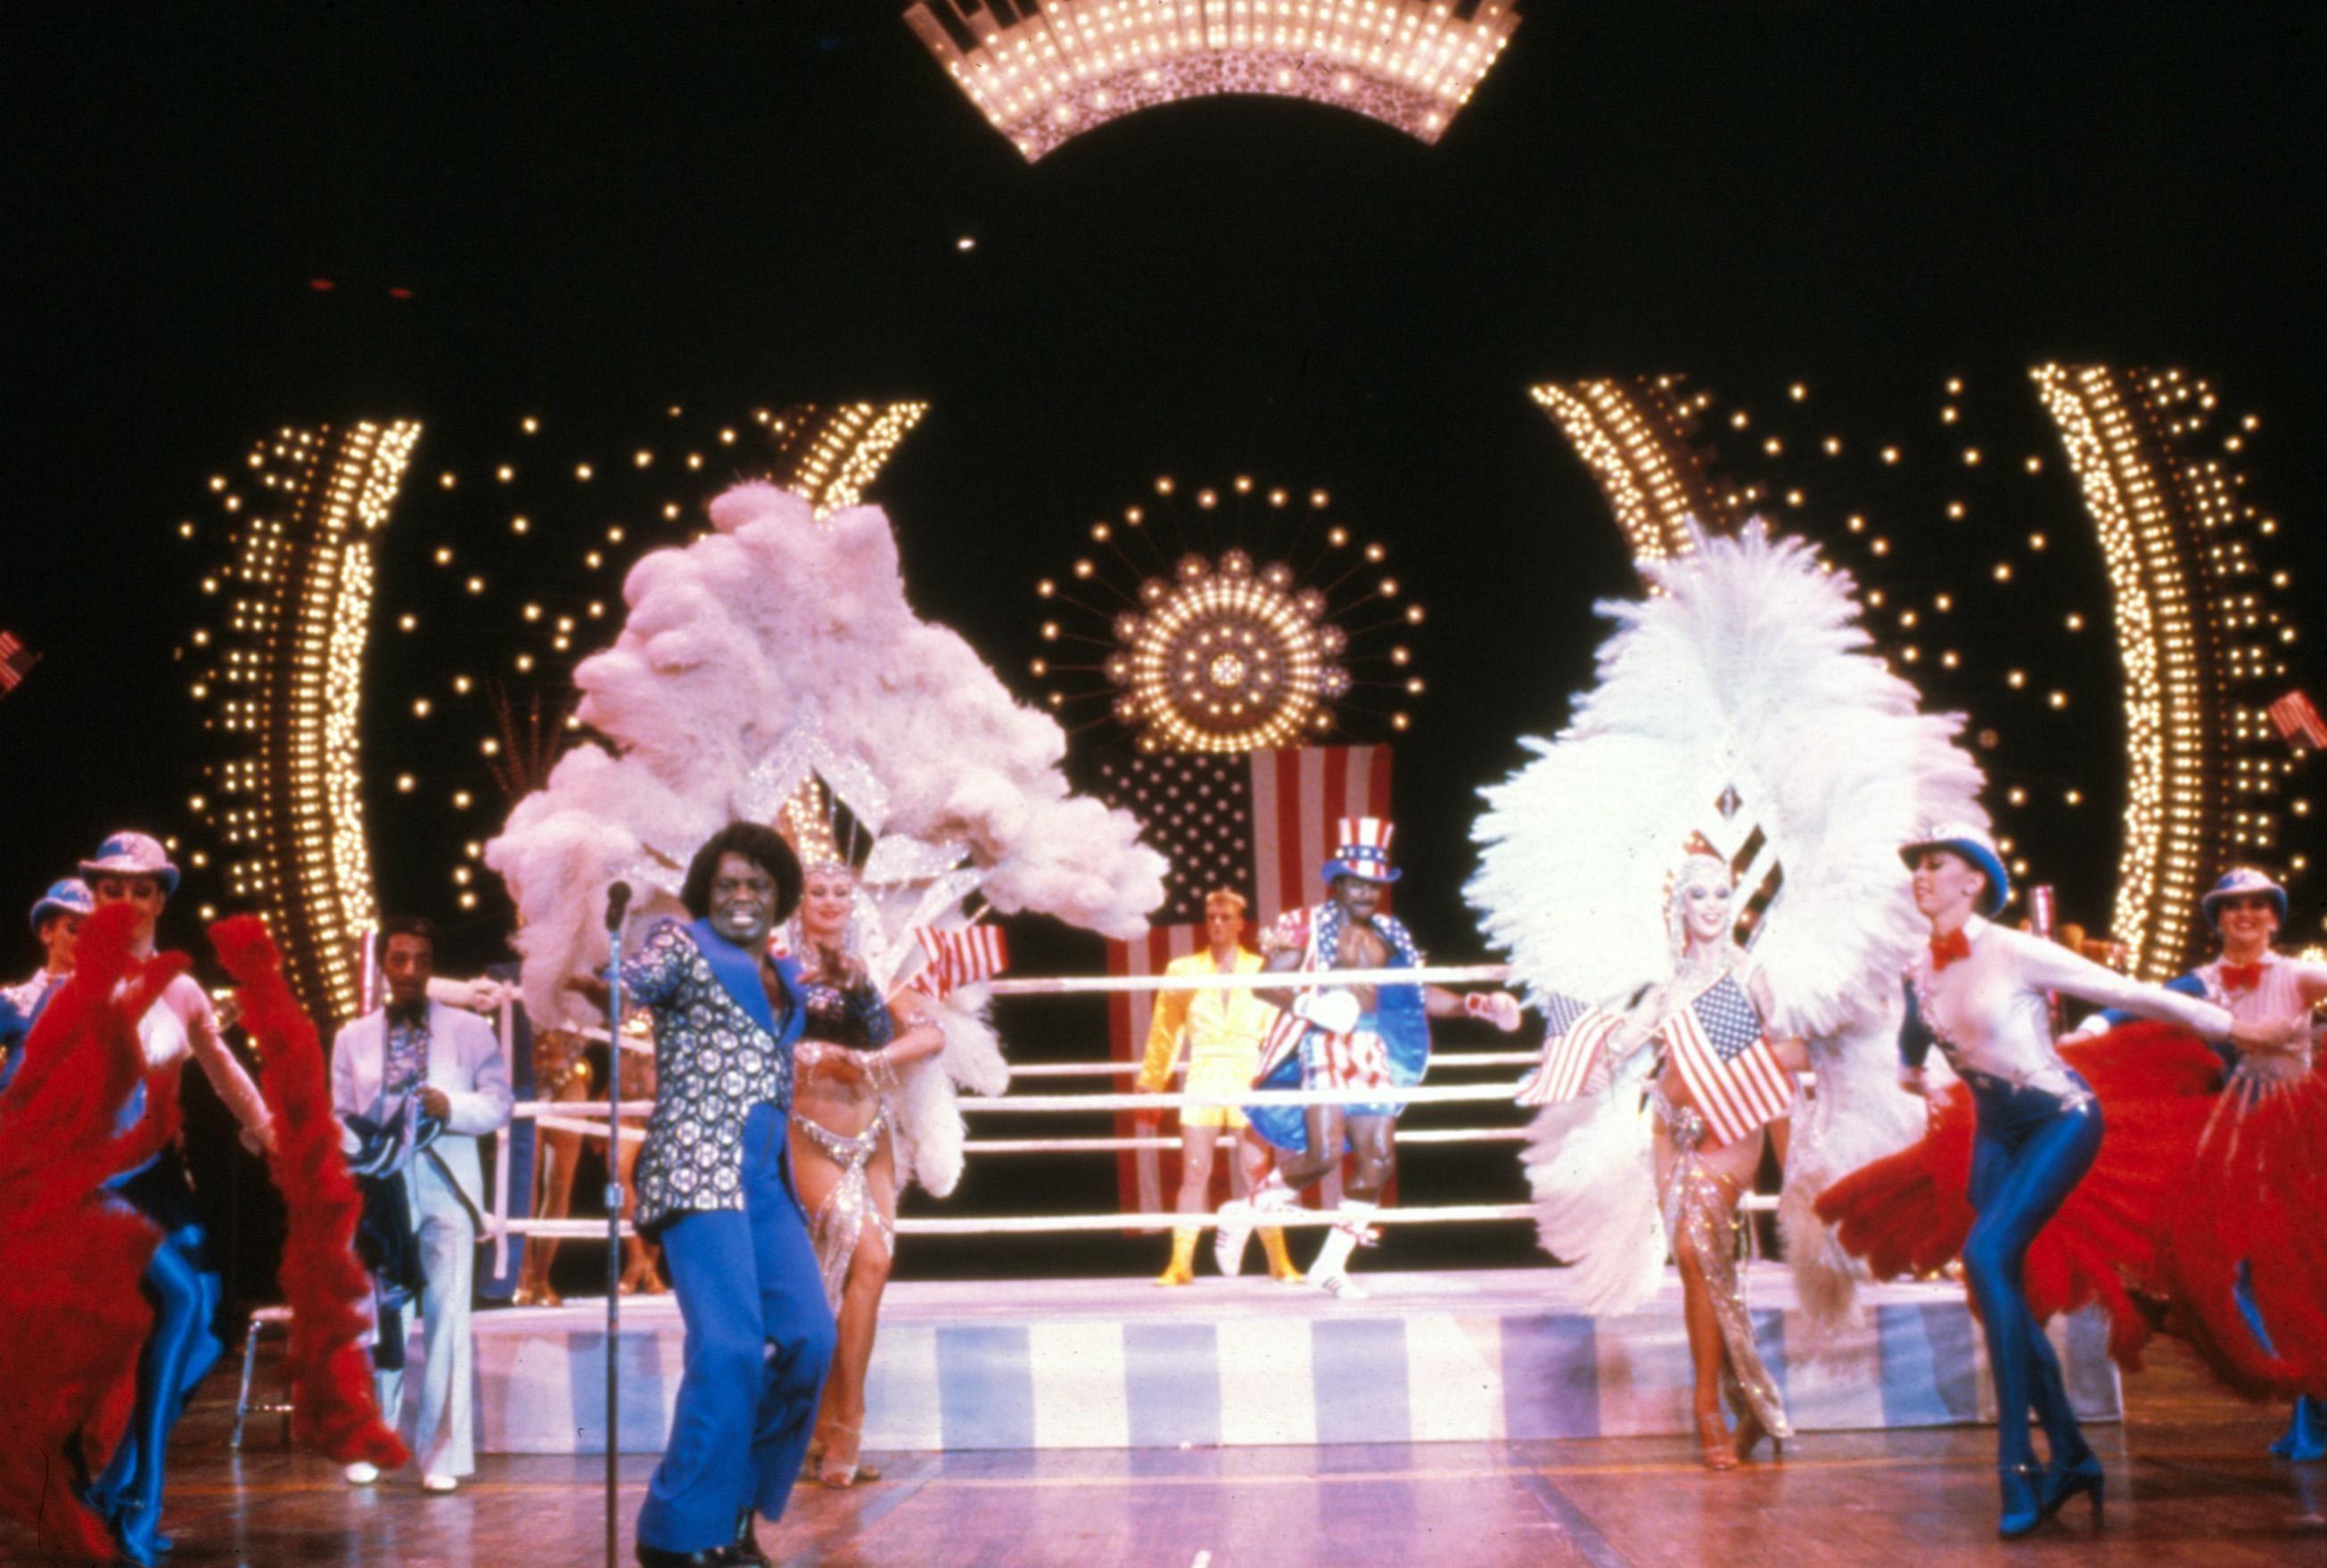 Imagem da MGM / UA Entertainment Company